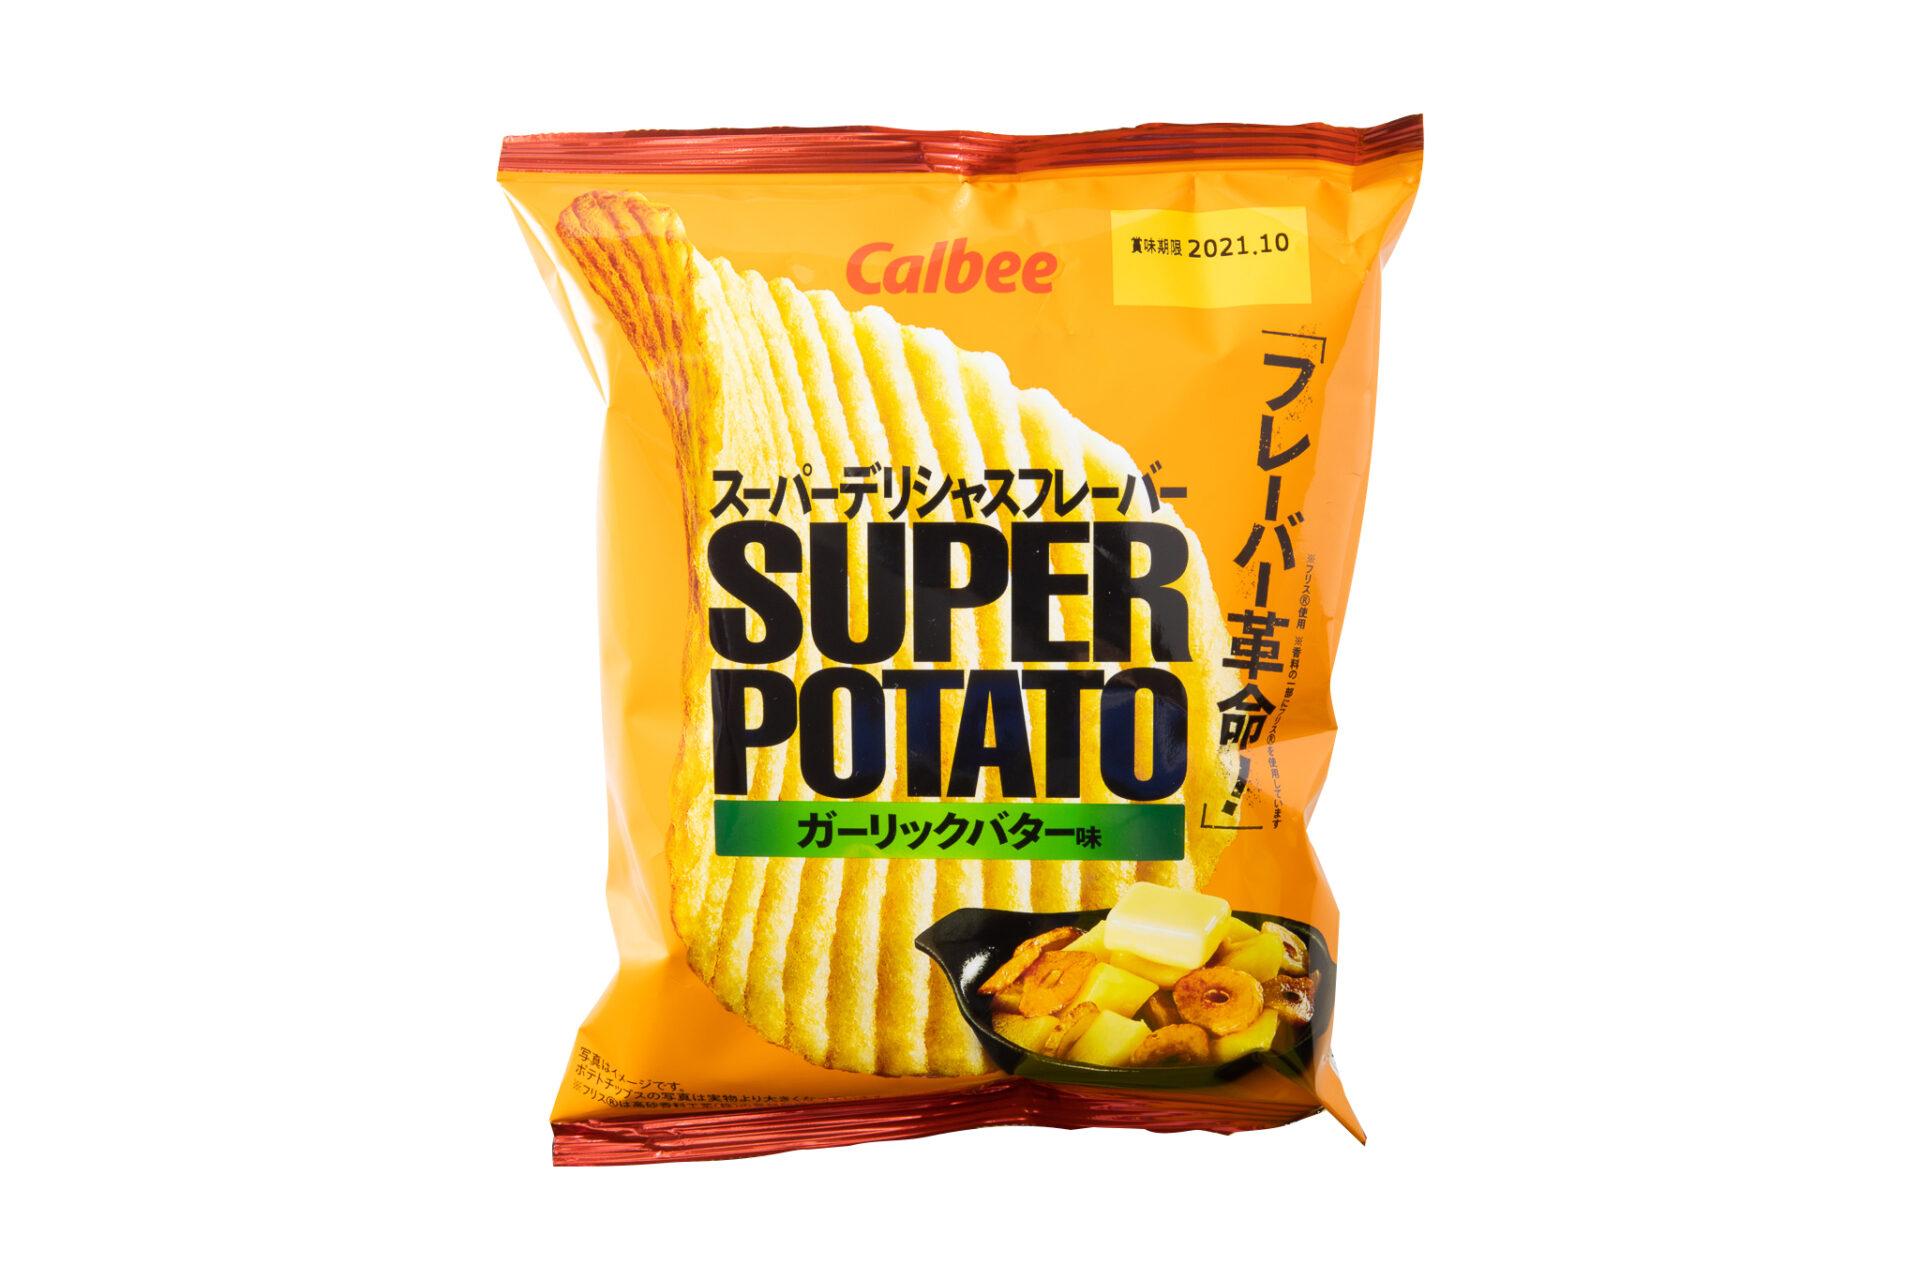 カルビー『スーパーポテト ガーリックバター味』